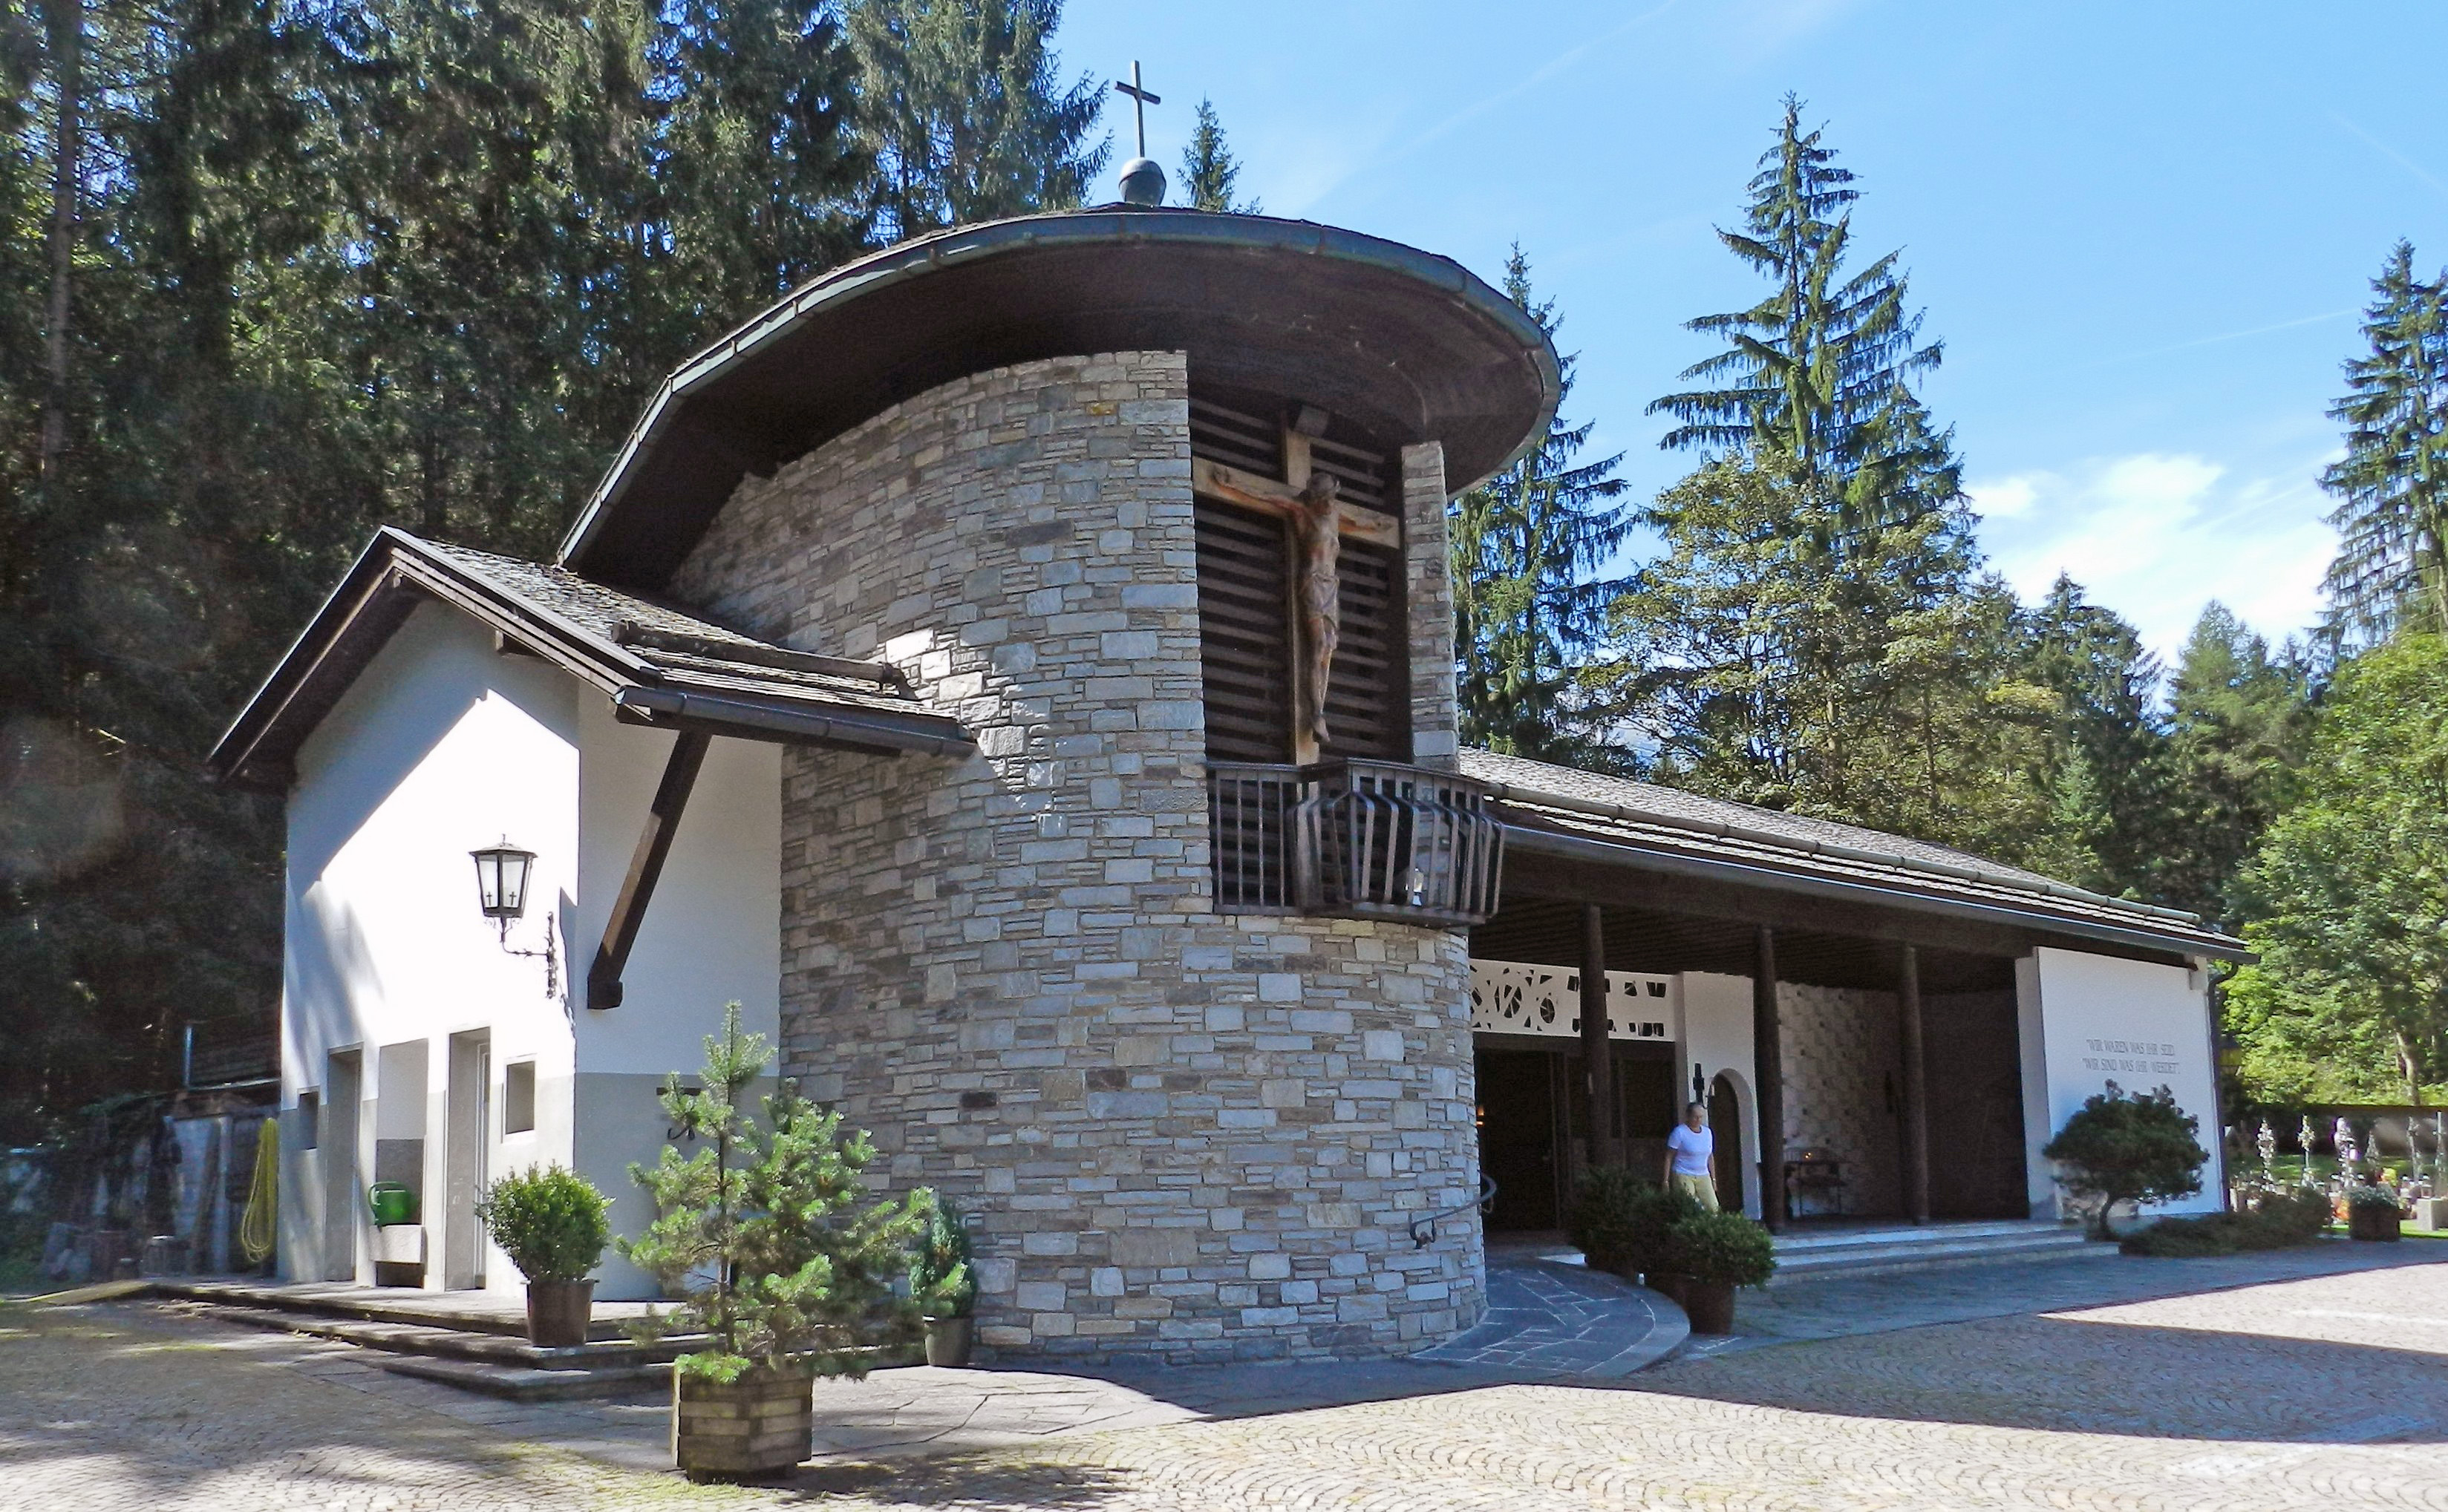 Mayrhofen / Hippach im Zillertal - Home | Facebook